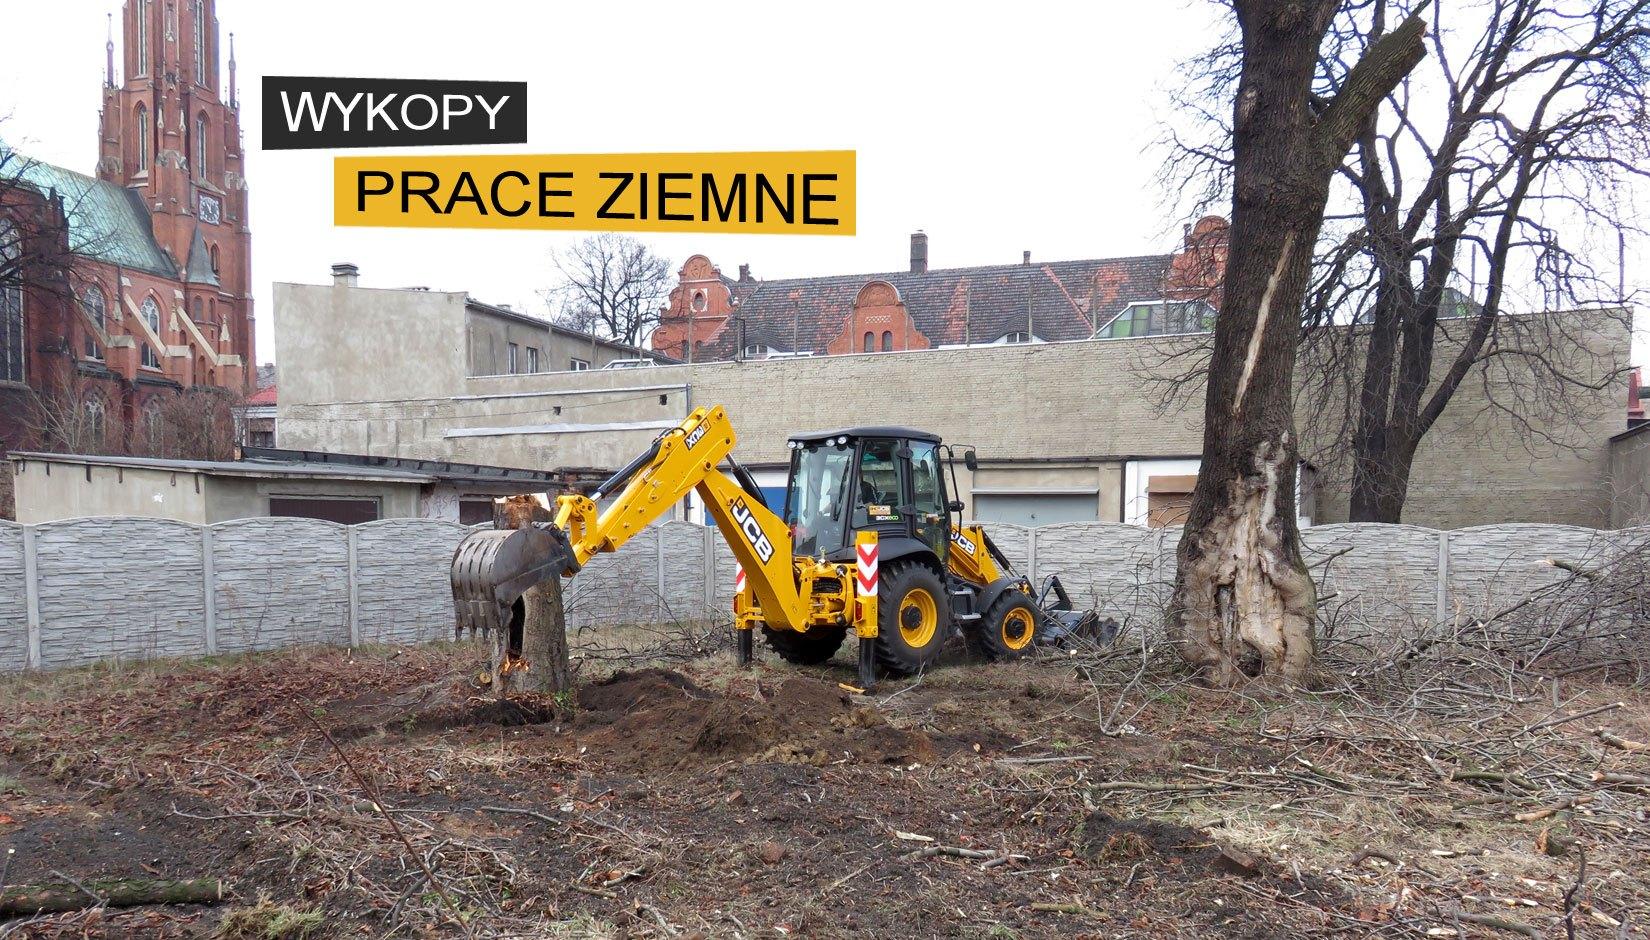 Prace ziemne Tarnowskie Góry, Bytom, Gliwice